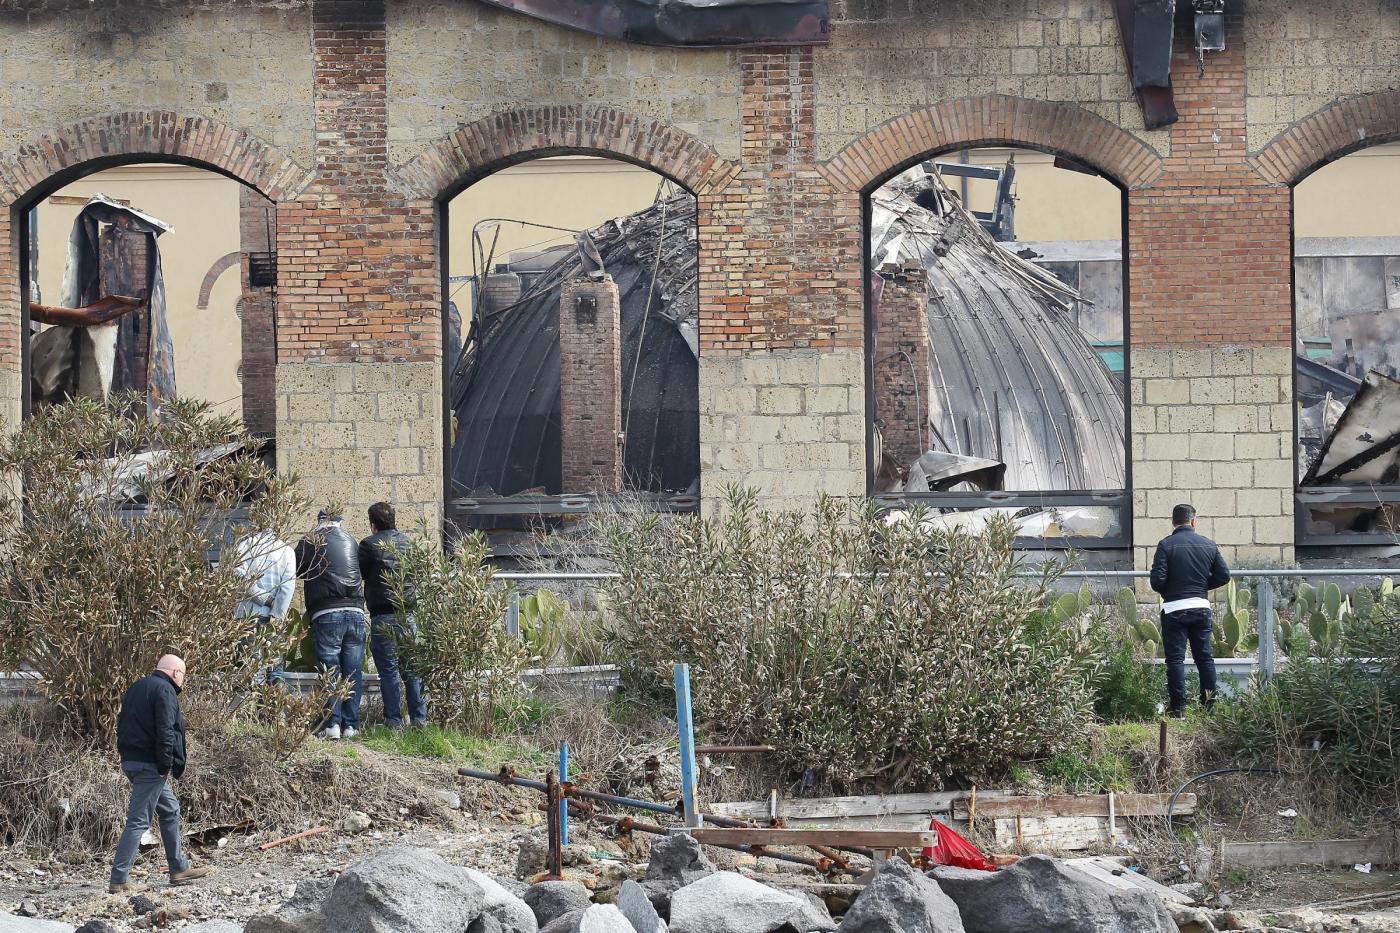 Citt della scienza incendiata i lavoratori andranno in for Struttura politica italiana